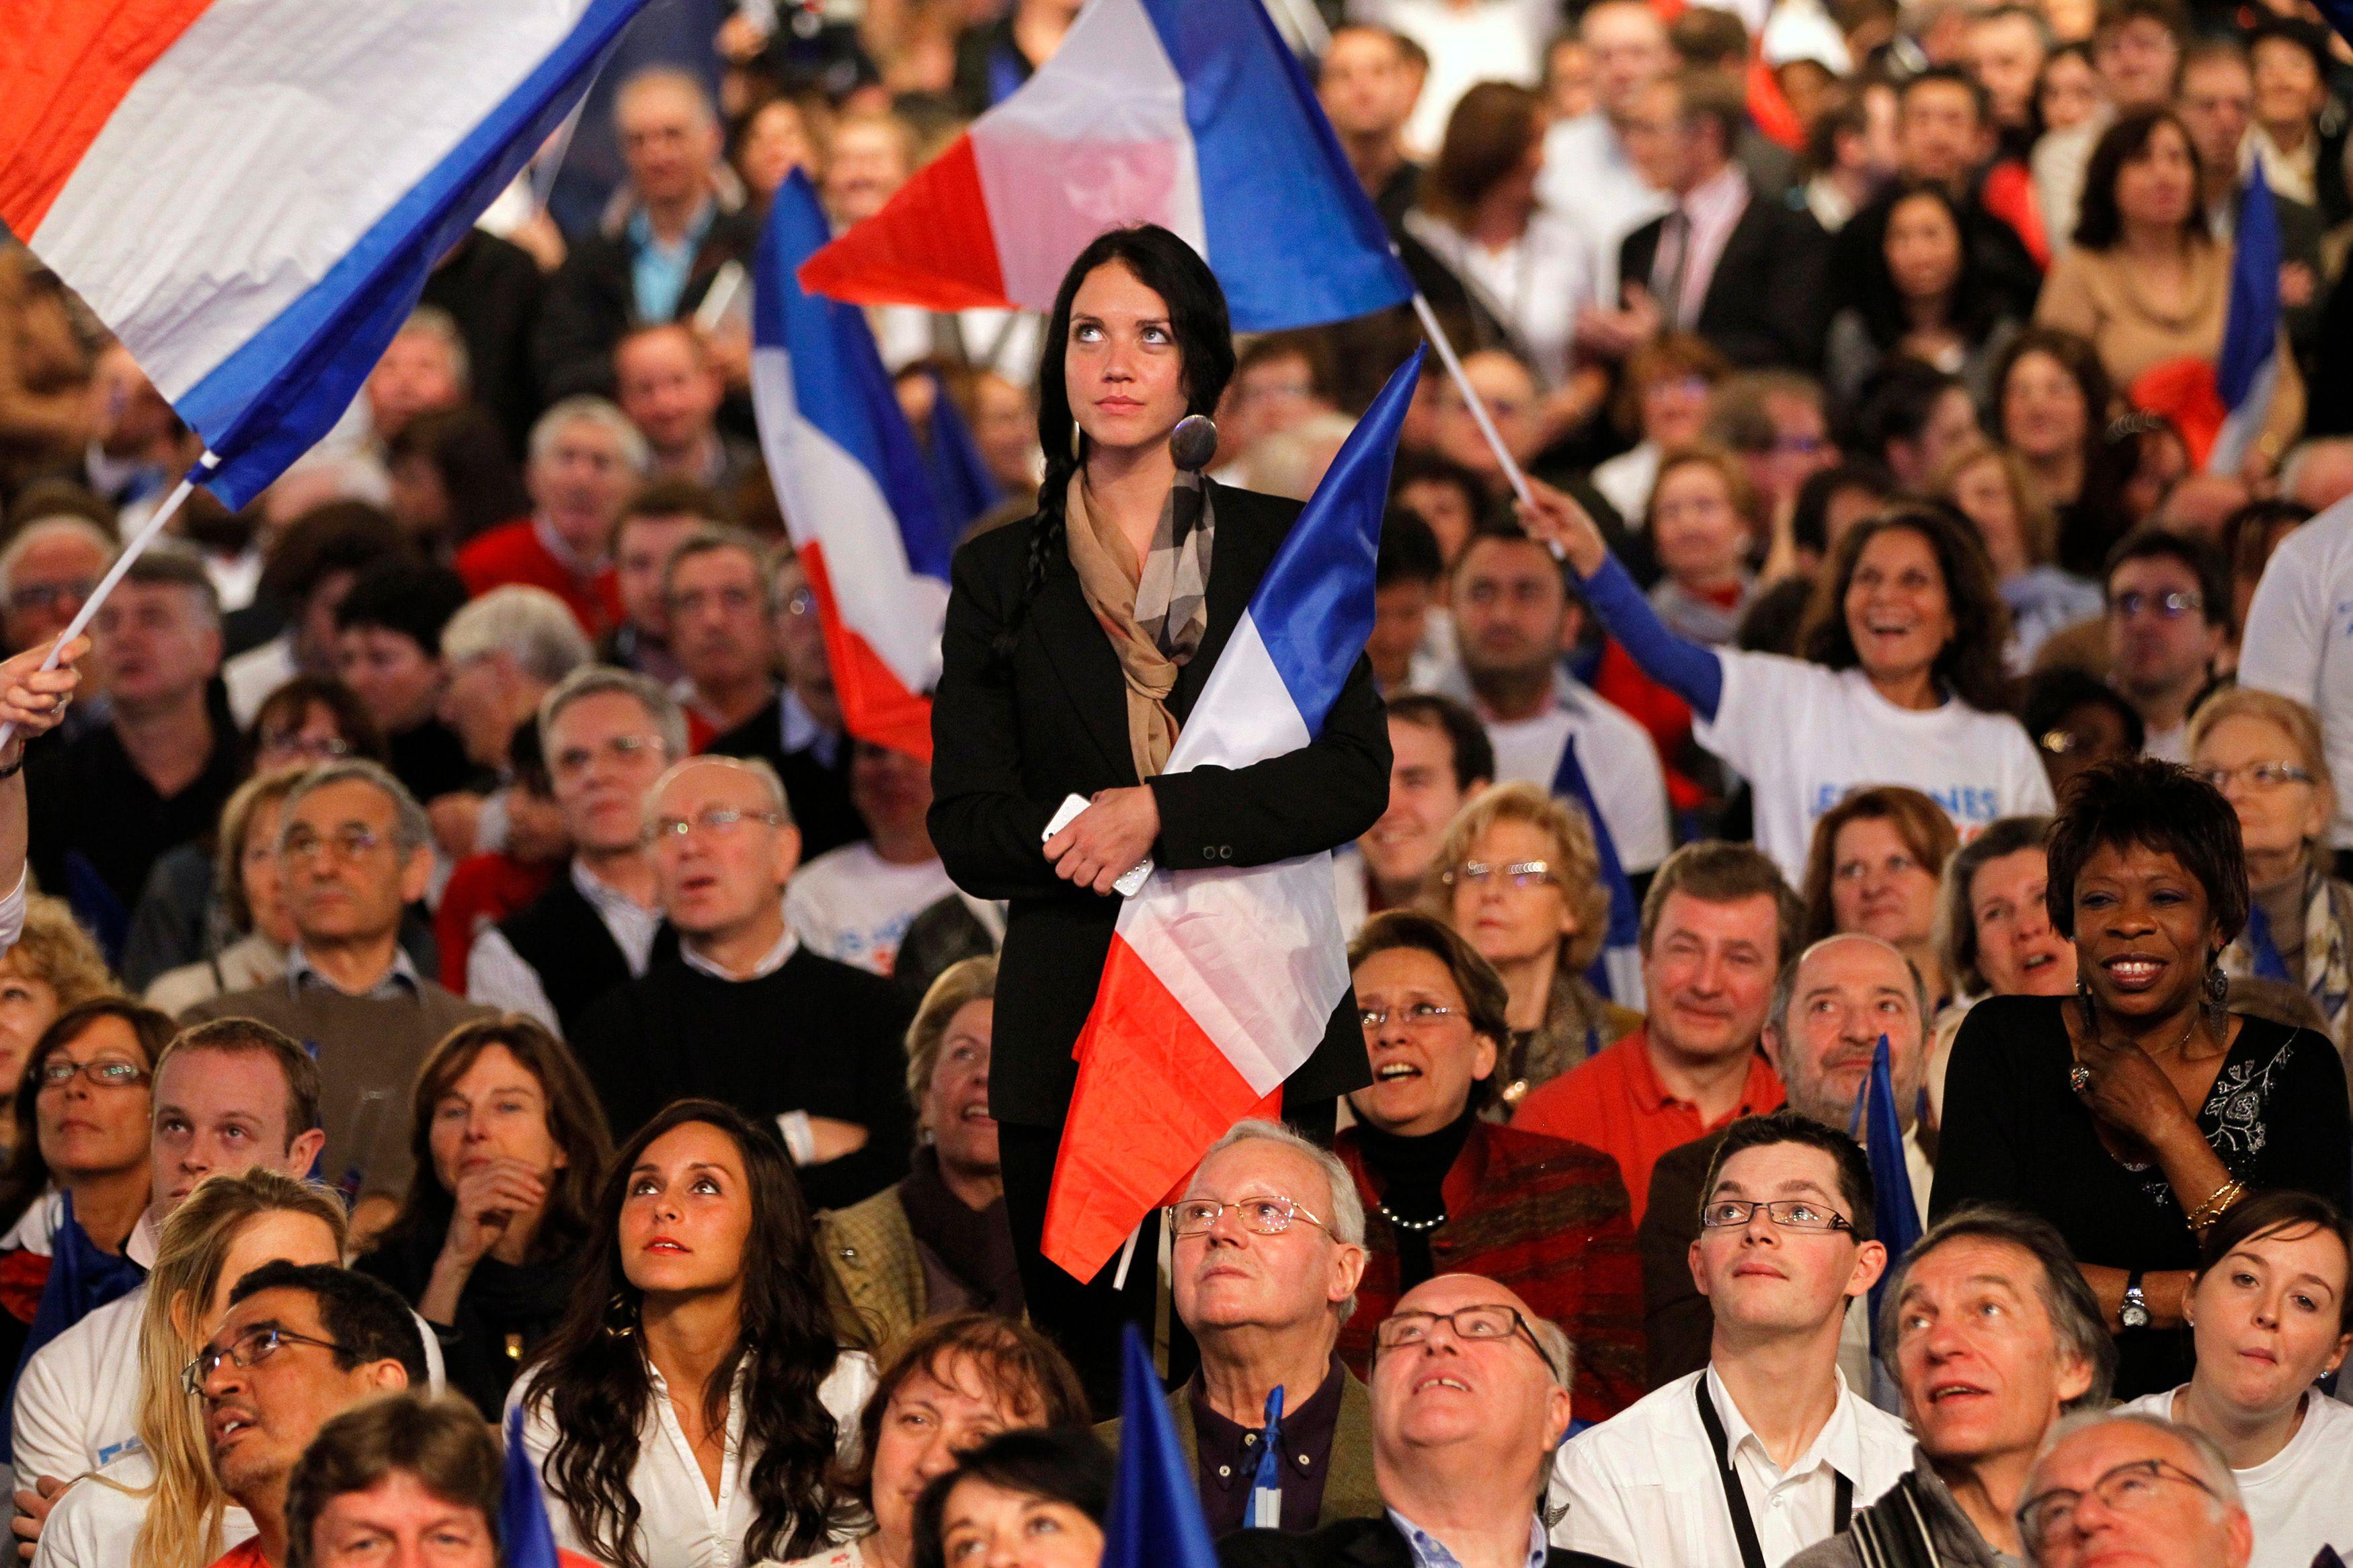 La crise semble changer la vision que les Français ont de l'Etat.